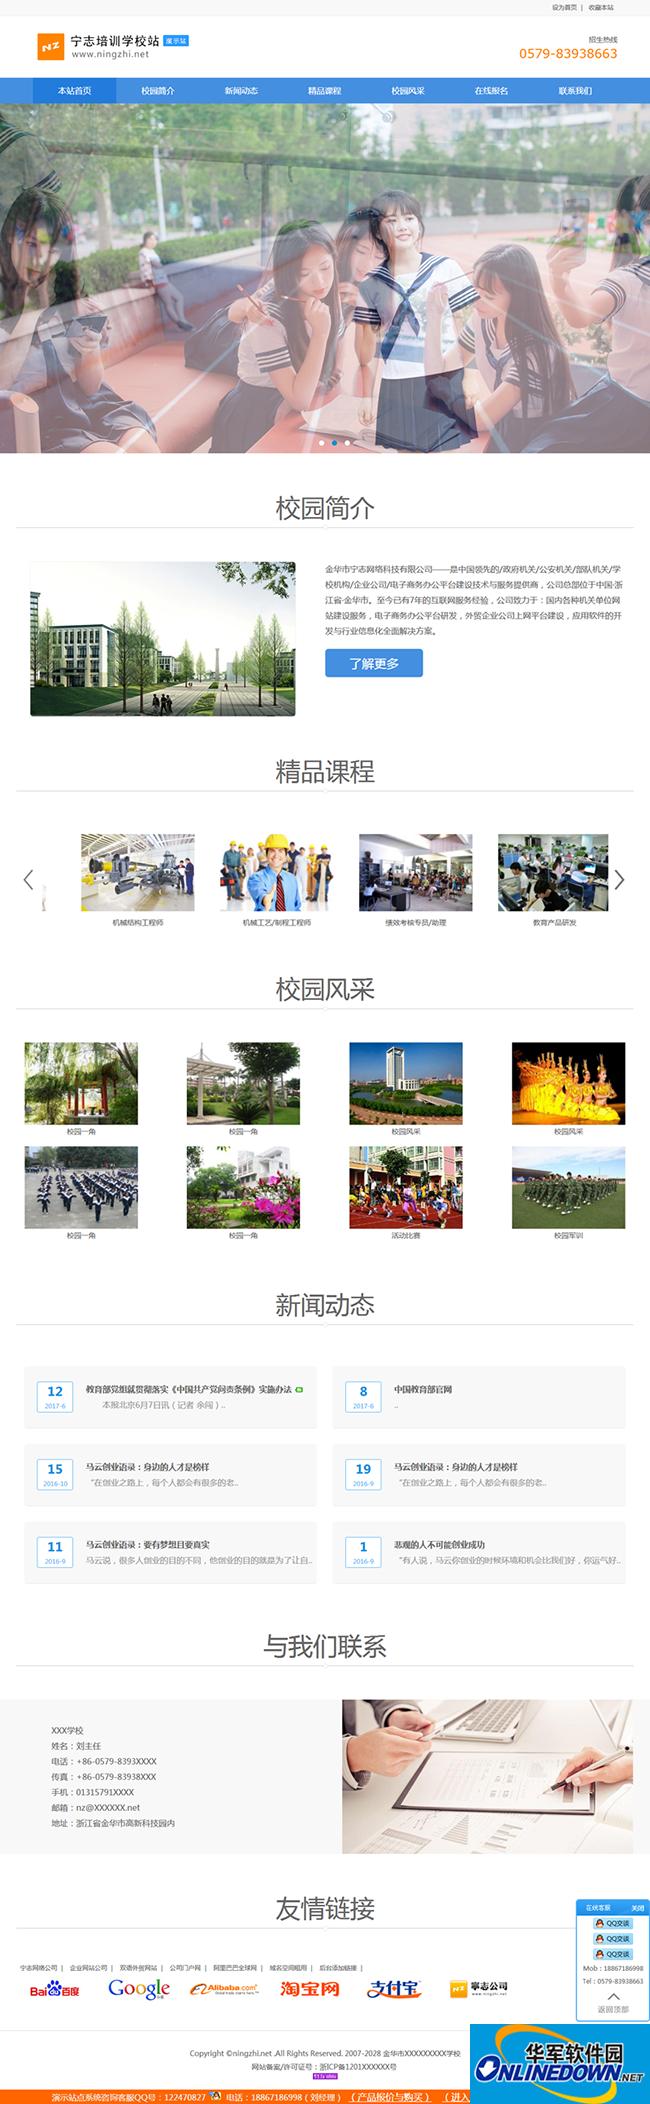 宁志中小学校培训机构网站管理系统 39372